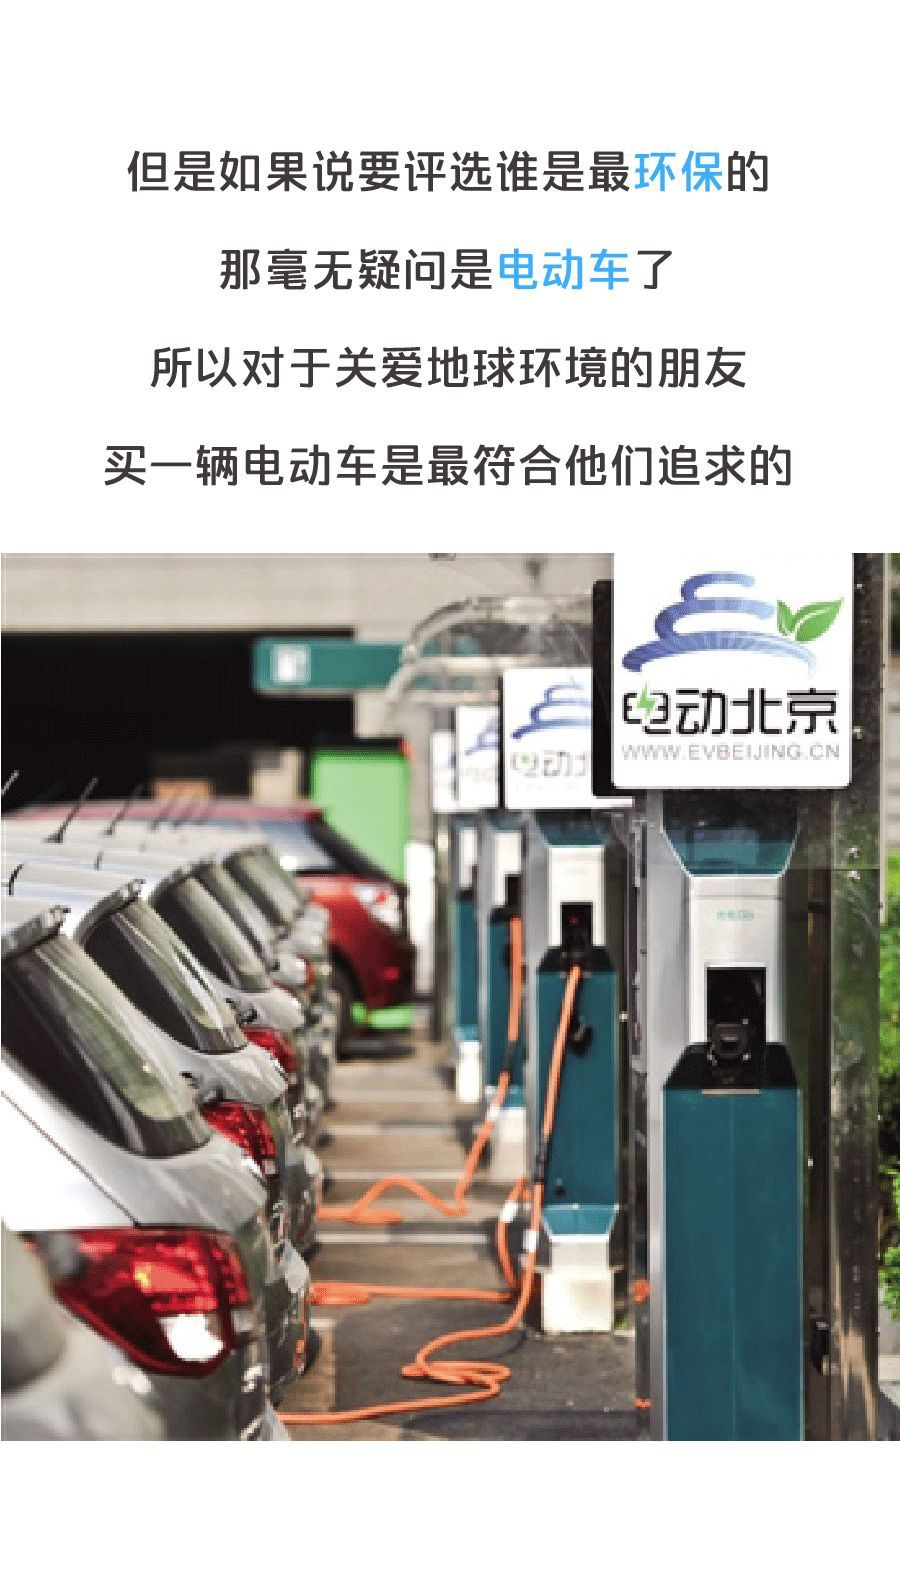 号称全球最猛的电动车,吹了4年牛逼终于要来中国了?